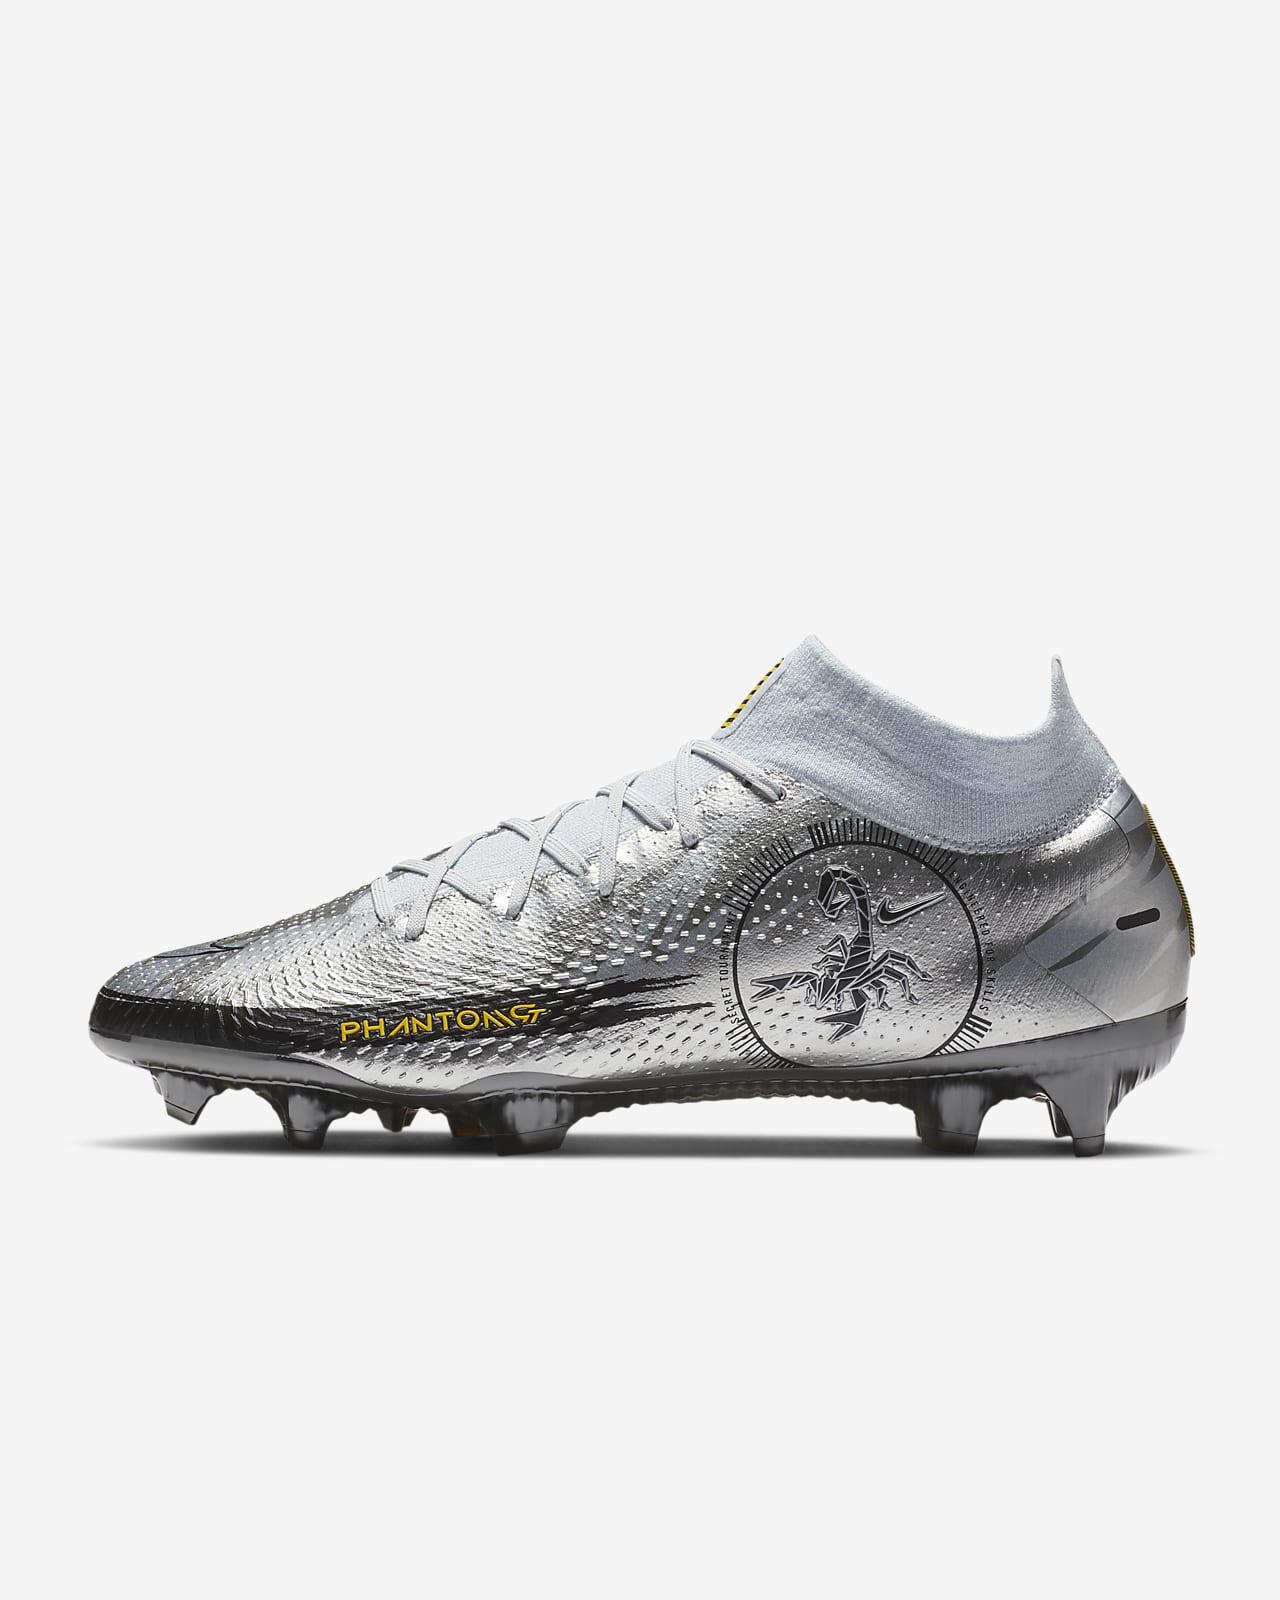 Chaussure de football à crampons pour terrain sec Nike Phantom Scorpion Elite Dynamic Fit FG